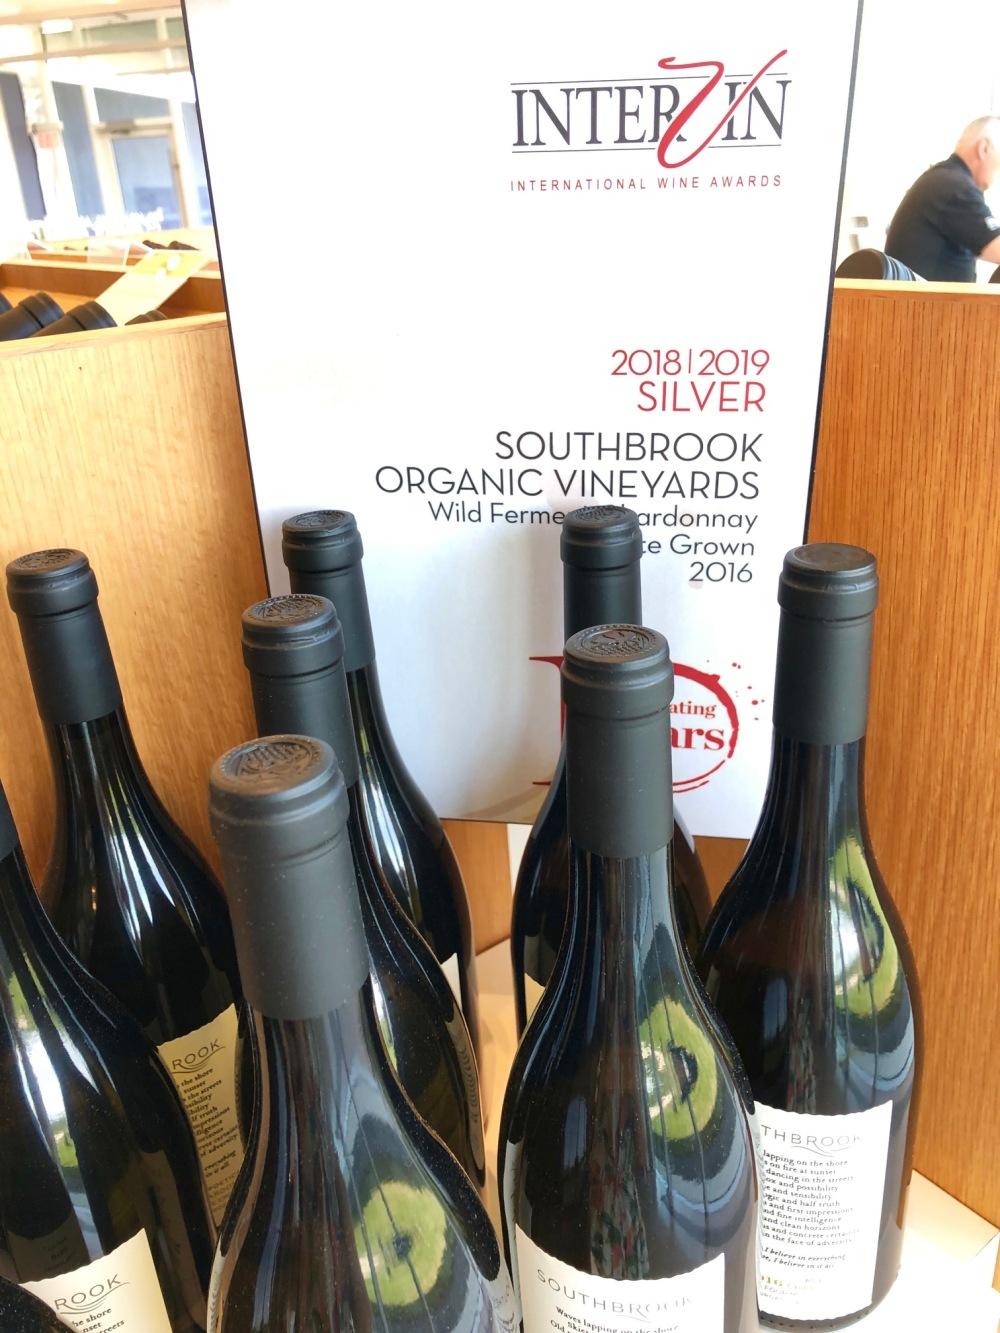 Southbrook Vineyards Intervin award amustreadblog